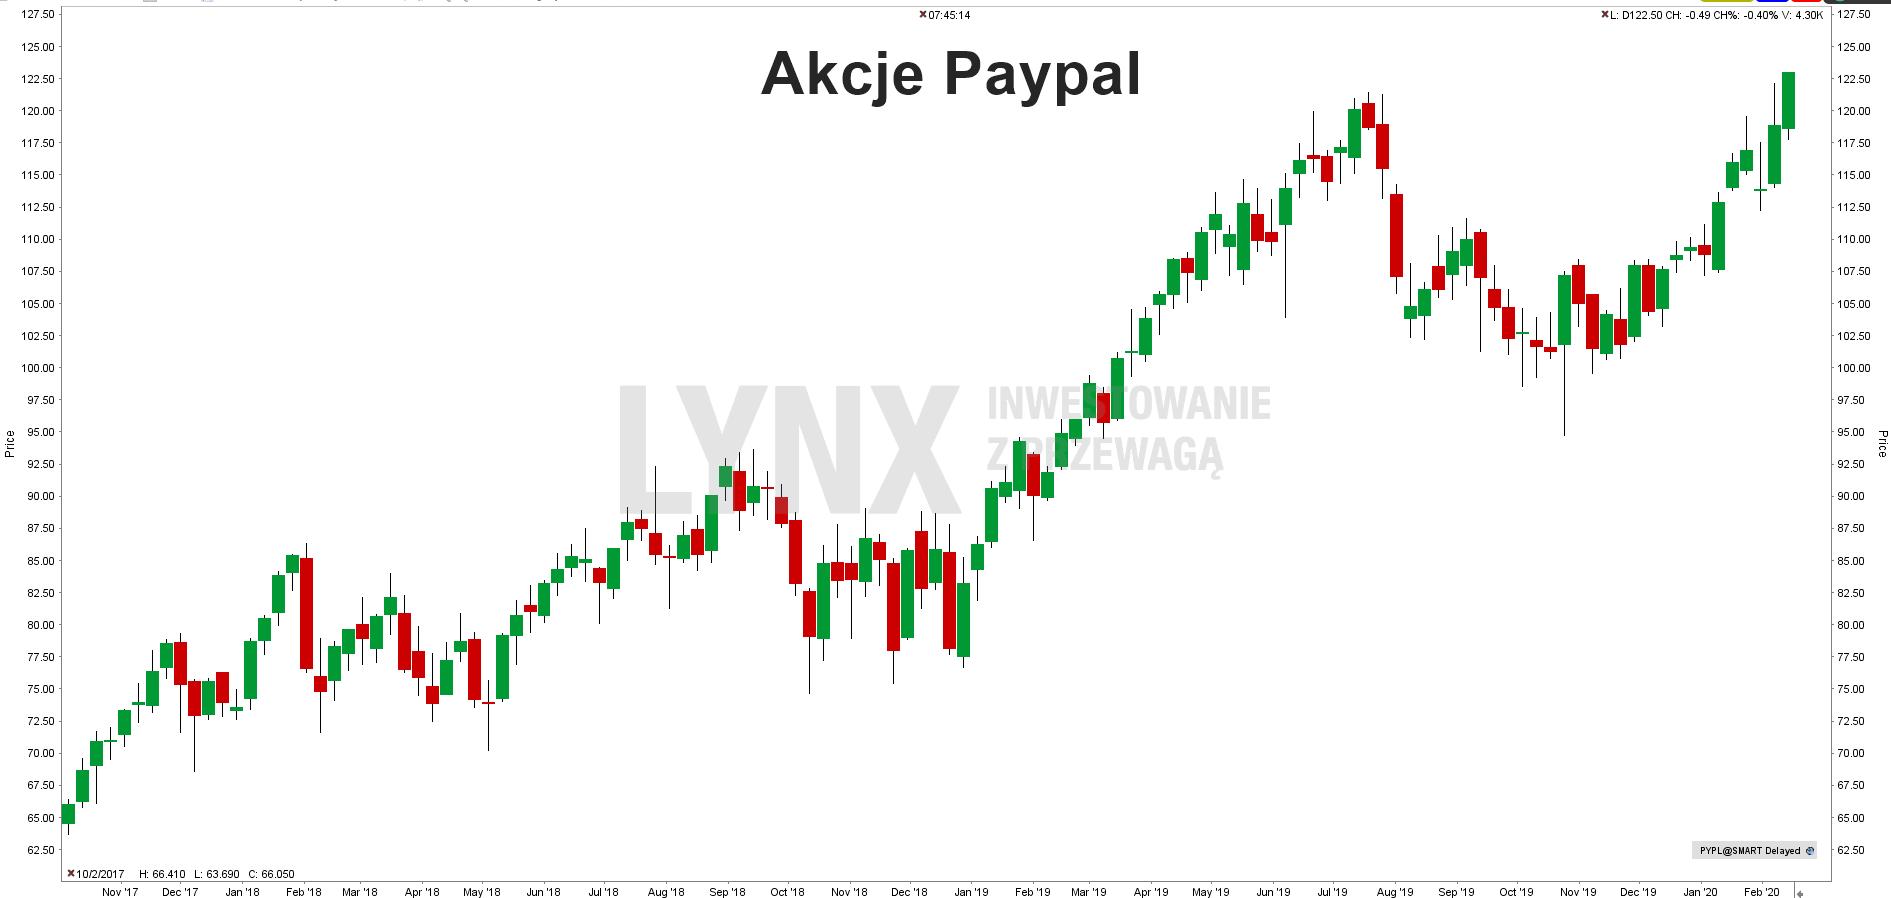 Akcje Paypal